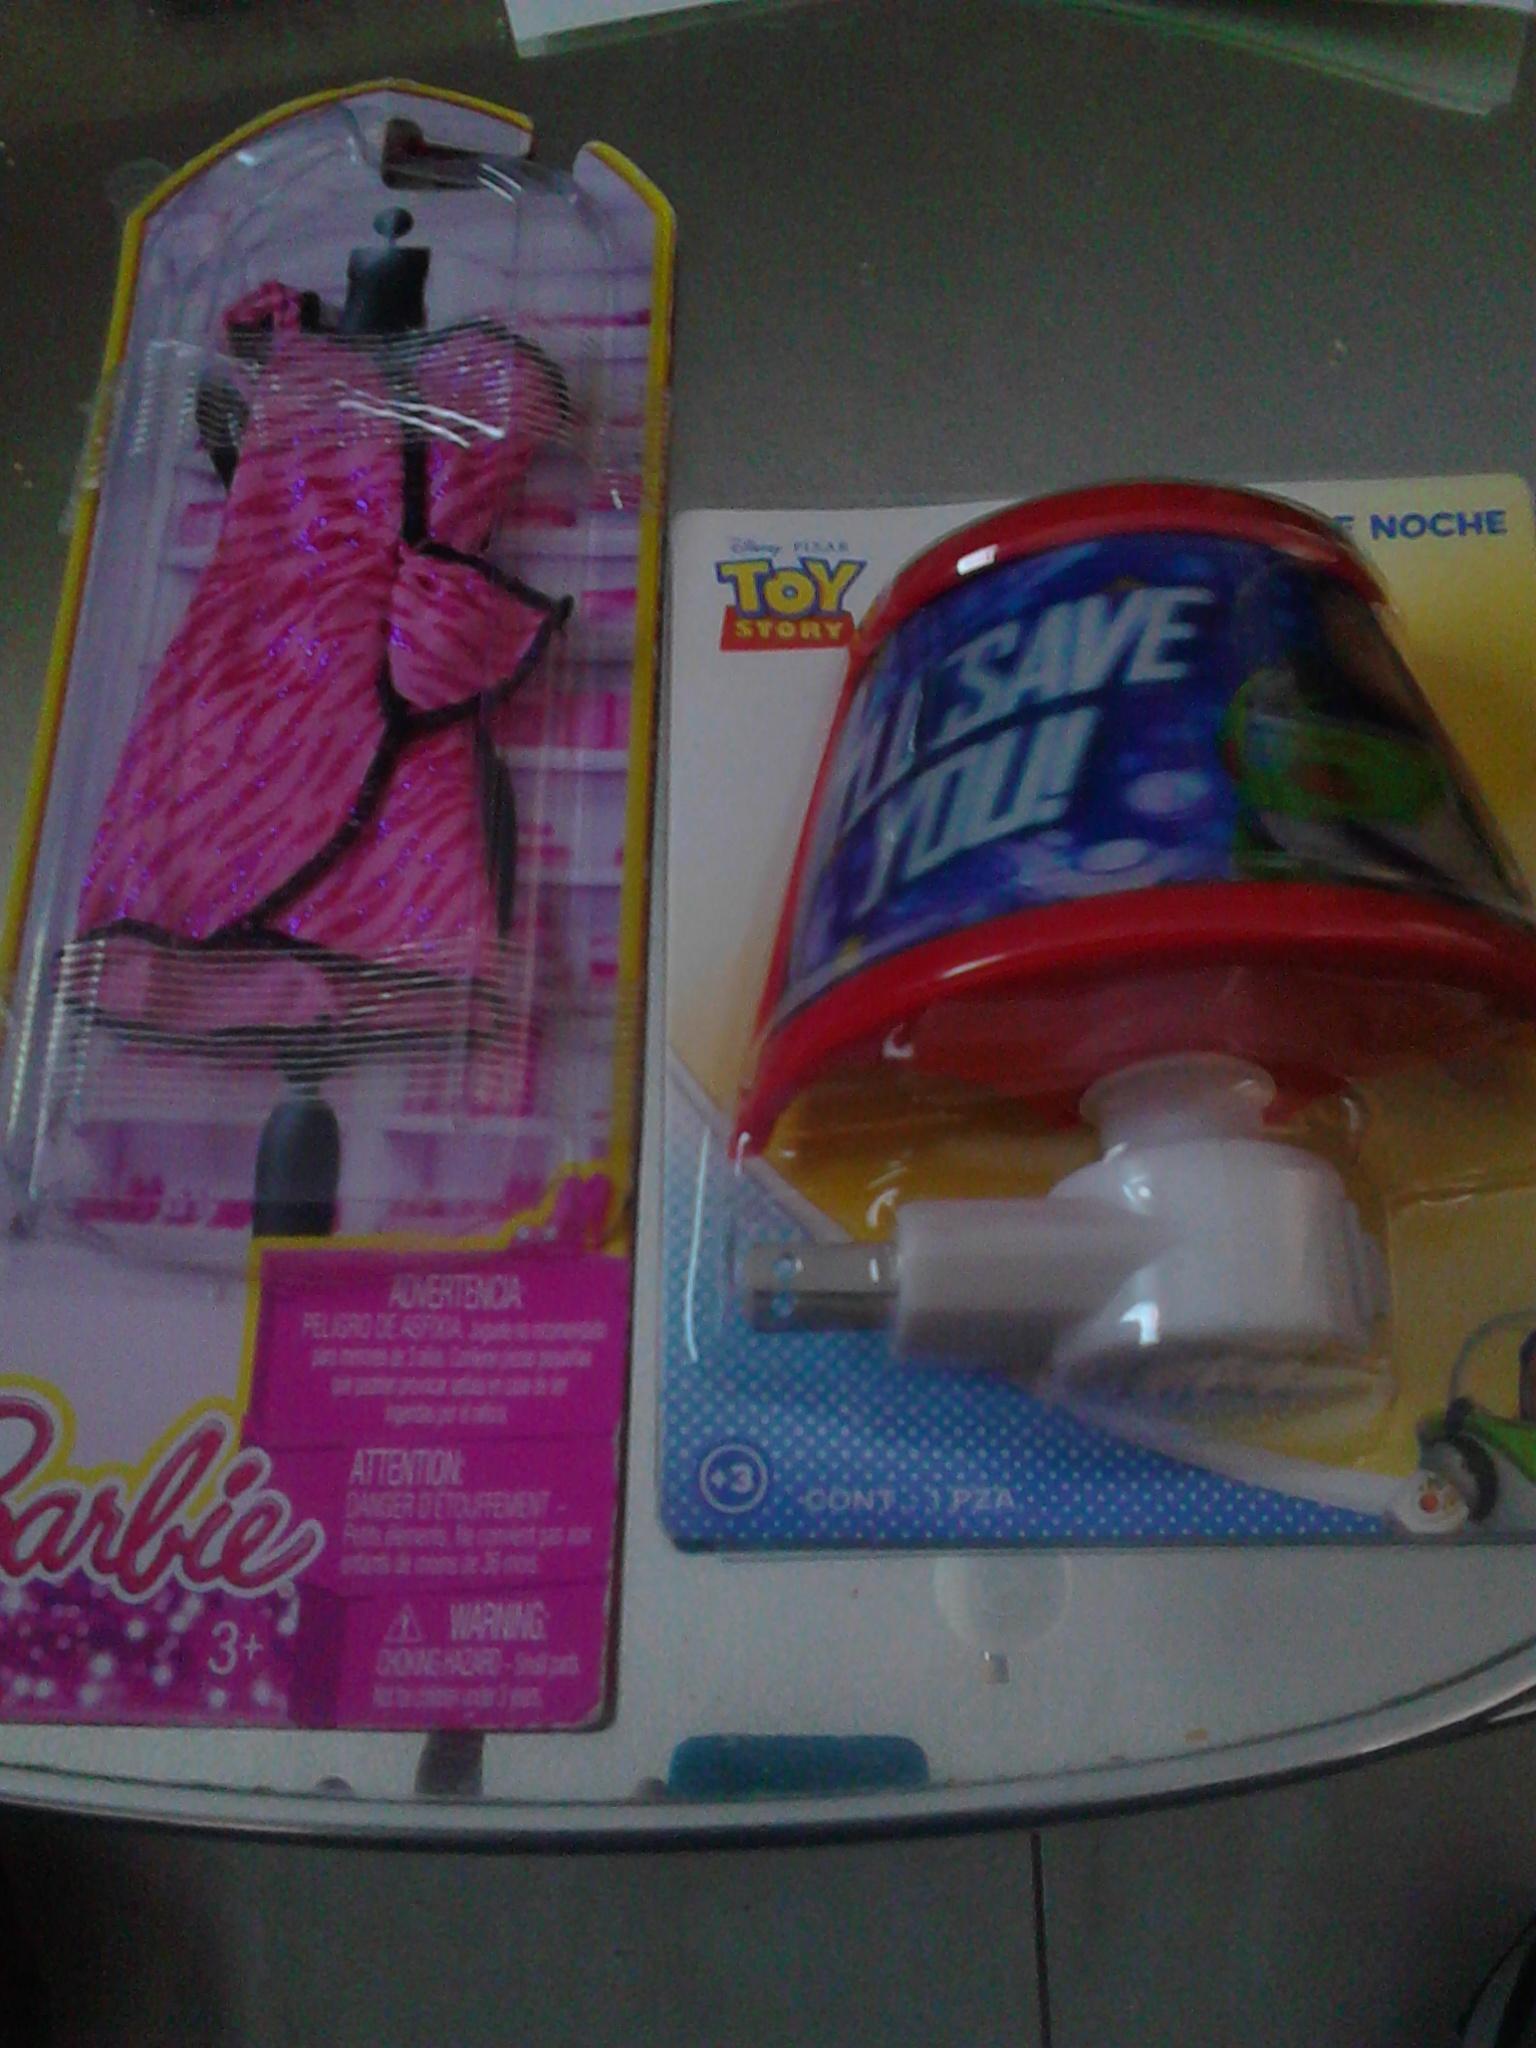 Walmart: vestido de Barbie a $4 y lampara de Toy Story a $10